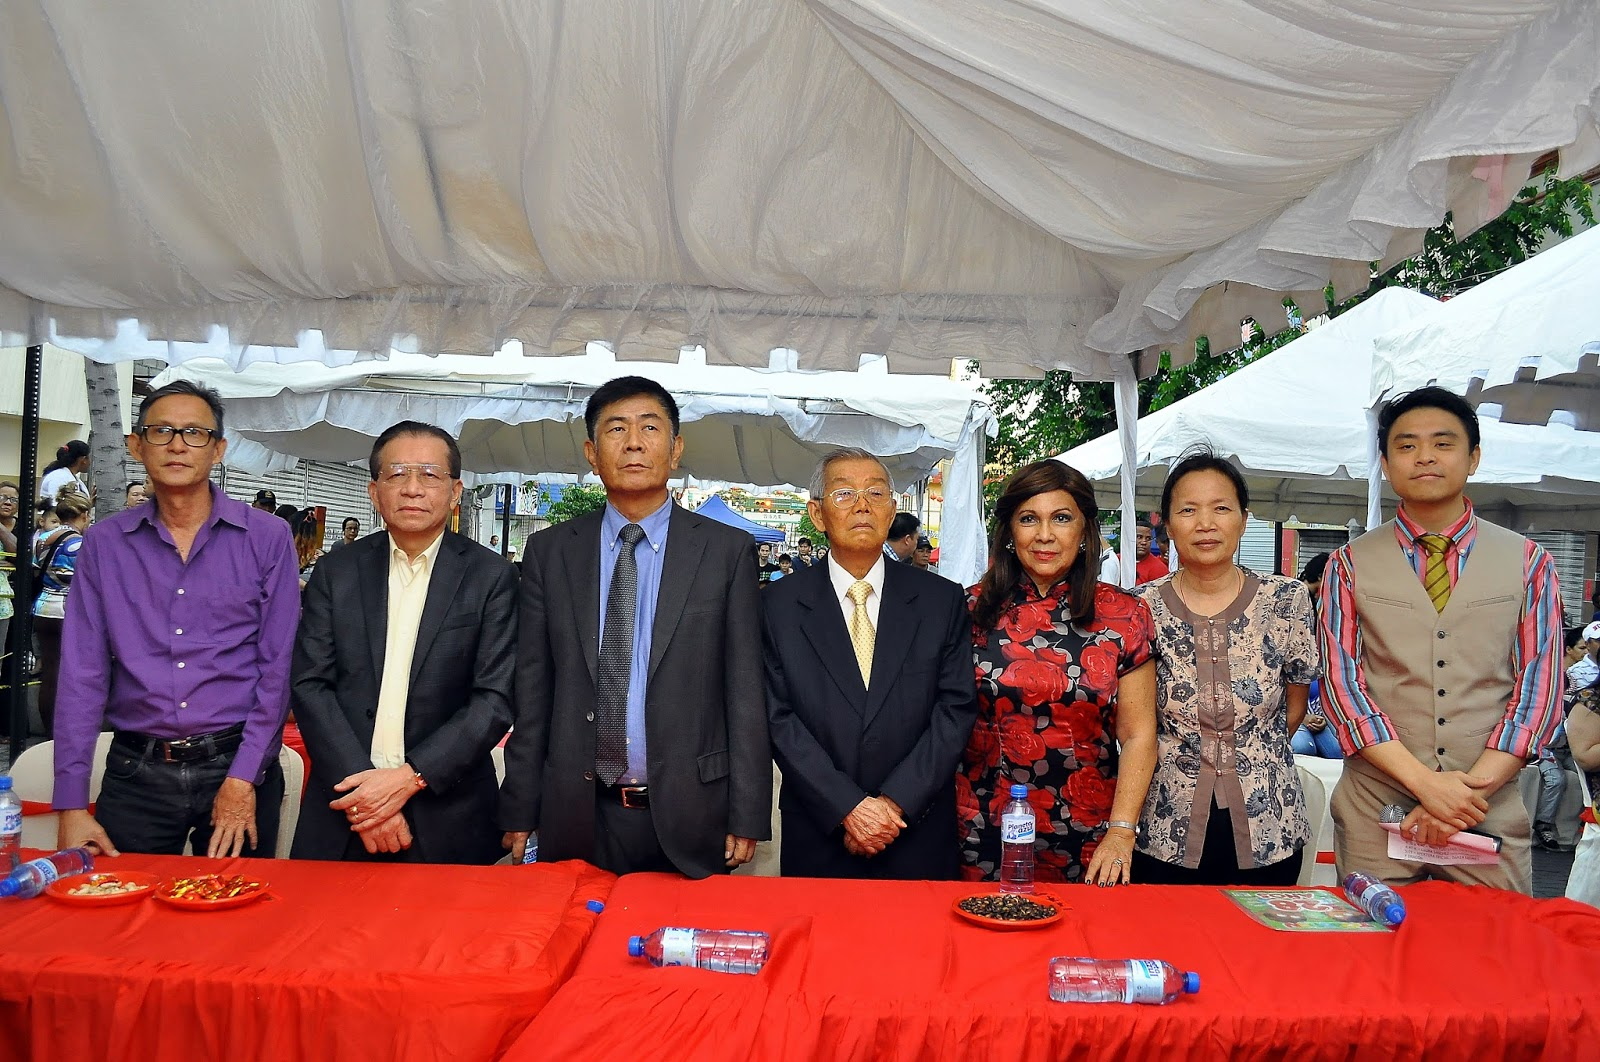 Las sociales y espectaculos la comunidad china celebra el for Espectaculo chino en mexico